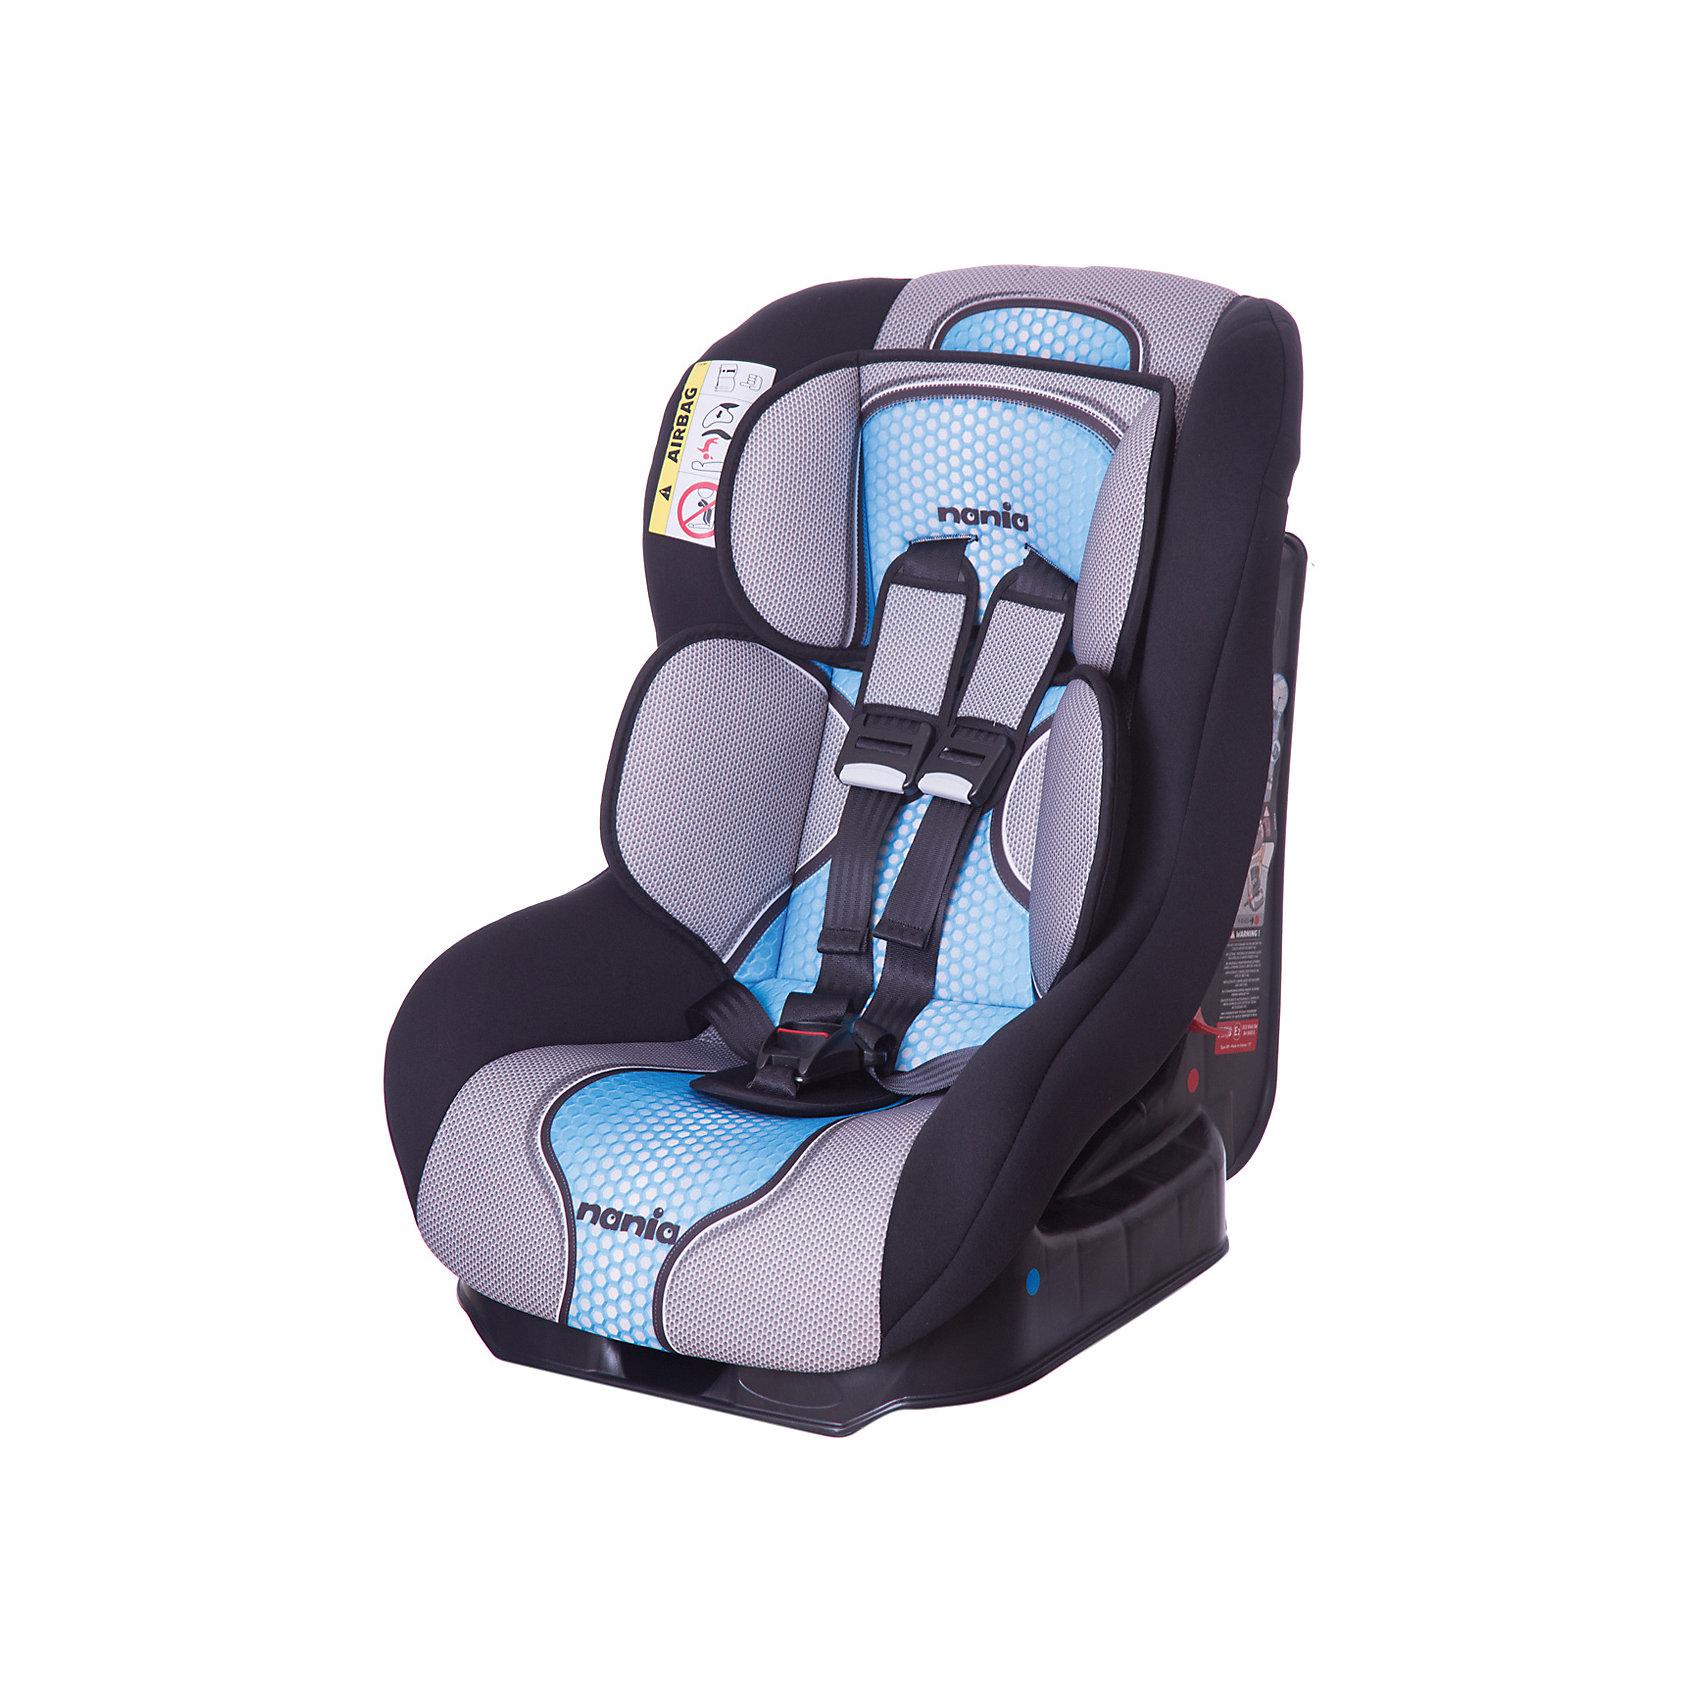 Автокресло Nania Driver FST, 0-18 кг, pop blueГруппа 0+, 1 (До 18 кг)<br>Характеристики автокресла Nania Driver FST:<br><br>• группа 0-1;<br>• вес ребенка: до 18 кг;<br>• возраст ребенка: от рождения до 4-х лет;<br>• способ установки: по ходу движения автомобиля;<br>• способ крепления: штатными ремнями безопасности автомобиля;<br>• 5-ти точечные ремни безопасности с мягкими накладками;<br>• регулируемый наклон спинки;<br>• анатомический вкладыш для новорожденного, подголовник;<br>• дополнительная защита от боковых ударов;<br>• съемные чехлы, стирка при температуре 30 градусов;<br>• материал: пластик, полиэстер;<br>• стандарт безопасности: ЕСЕ R44/03.<br><br>Размер автокресла: 59х48х43 см<br>Размер упаковки: 45х50х60 см<br>Вес в упаковке: 4,44 кг<br><br>Обезопасить ребенка во время поездок на машине помогает детское автокресло. Группа автокресел 0/1 используется, пока вес ребенка находится в пределах 18 кг. Регулируемый наклон спинки позволяет малышу выбрать подходящее положение и для сна, и для игр. Малыша пристегивают встроенными ремнями безопасности, которые регулируются по длине. <br><br>Автокресло Driver FST, 0-18 кг., Nania, pop blue можно купить в нашем интернет-магазине.<br><br>Ширина мм: 600<br>Глубина мм: 460<br>Высота мм: 520<br>Вес г: 12490<br>Возраст от месяцев: 0<br>Возраст до месяцев: 48<br>Пол: Мужской<br>Возраст: Детский<br>SKU: 5296298